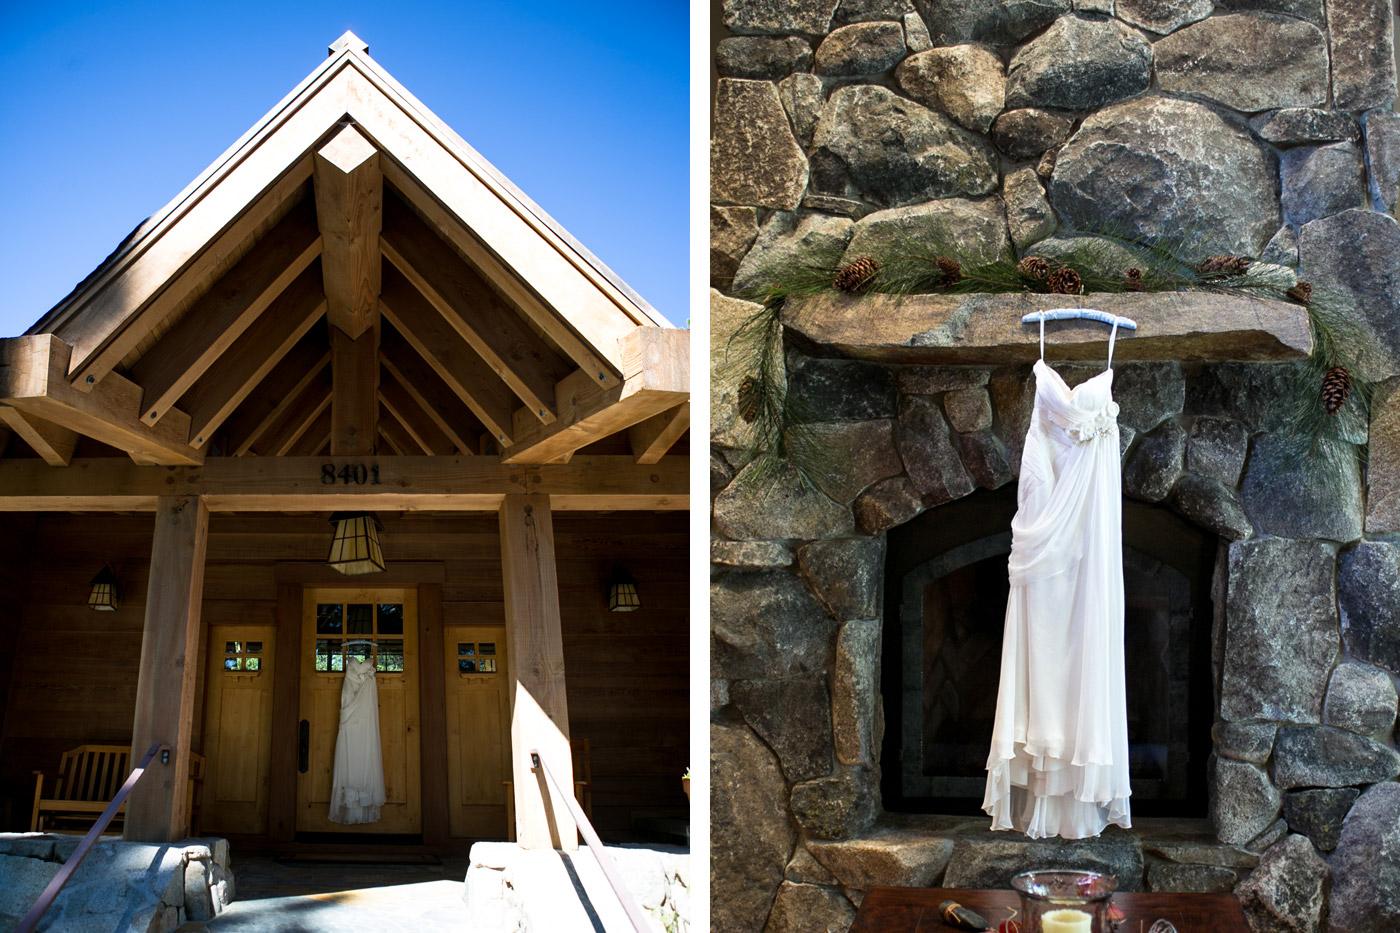 Lake-tahoe-weddings-Lahontan-Golf-Club-weddings-3